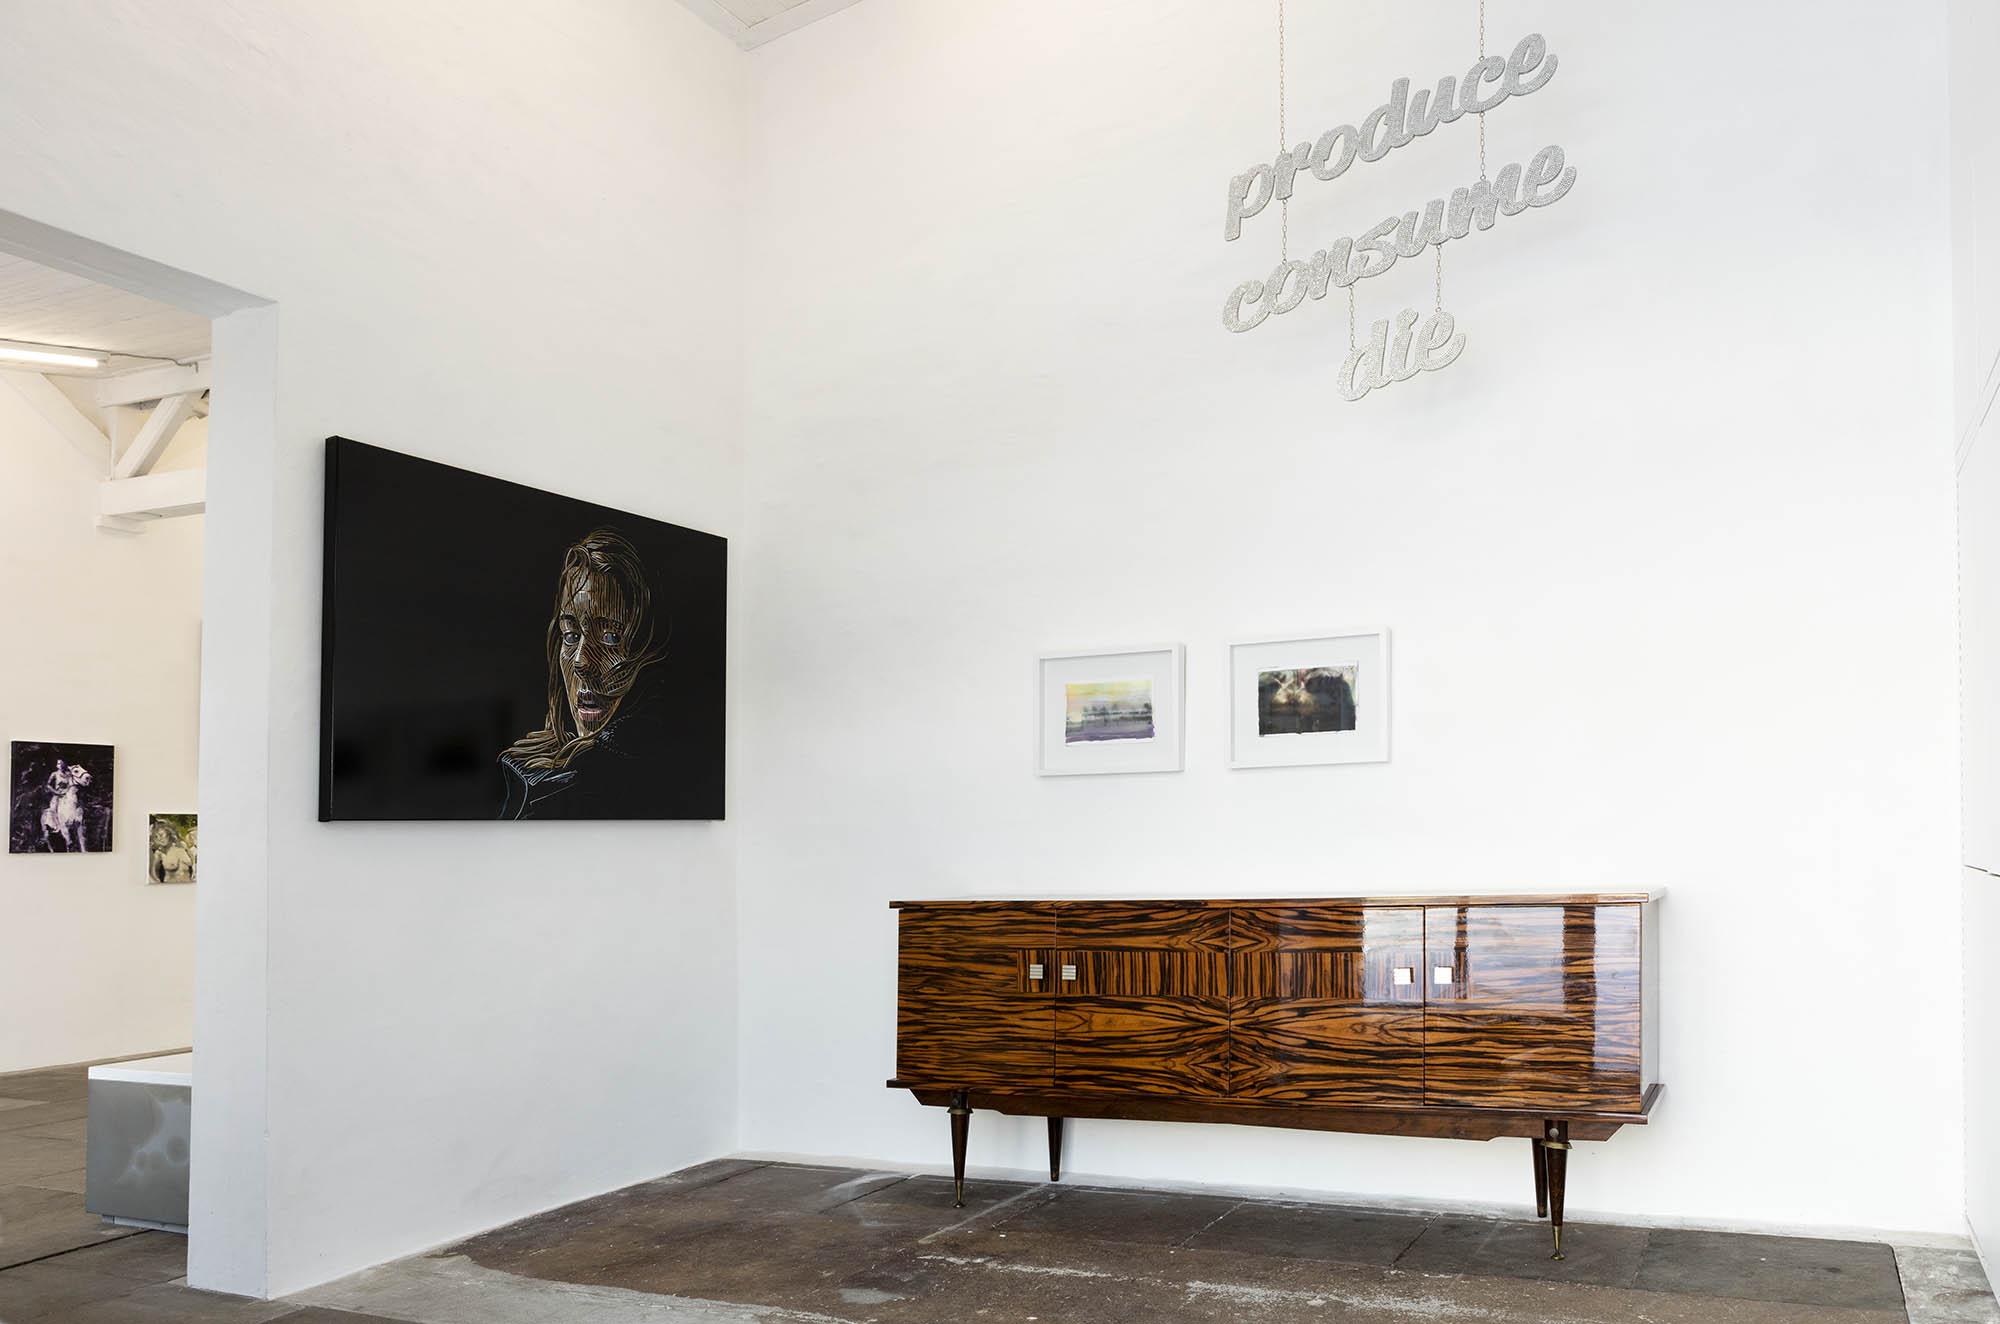 Schwarzer Flamingo, Galerie Hartwich, Rügen, Stefan Rinck, Katharina Arndt, Tanja Selzer, Paul Pretzer, Ausstellung